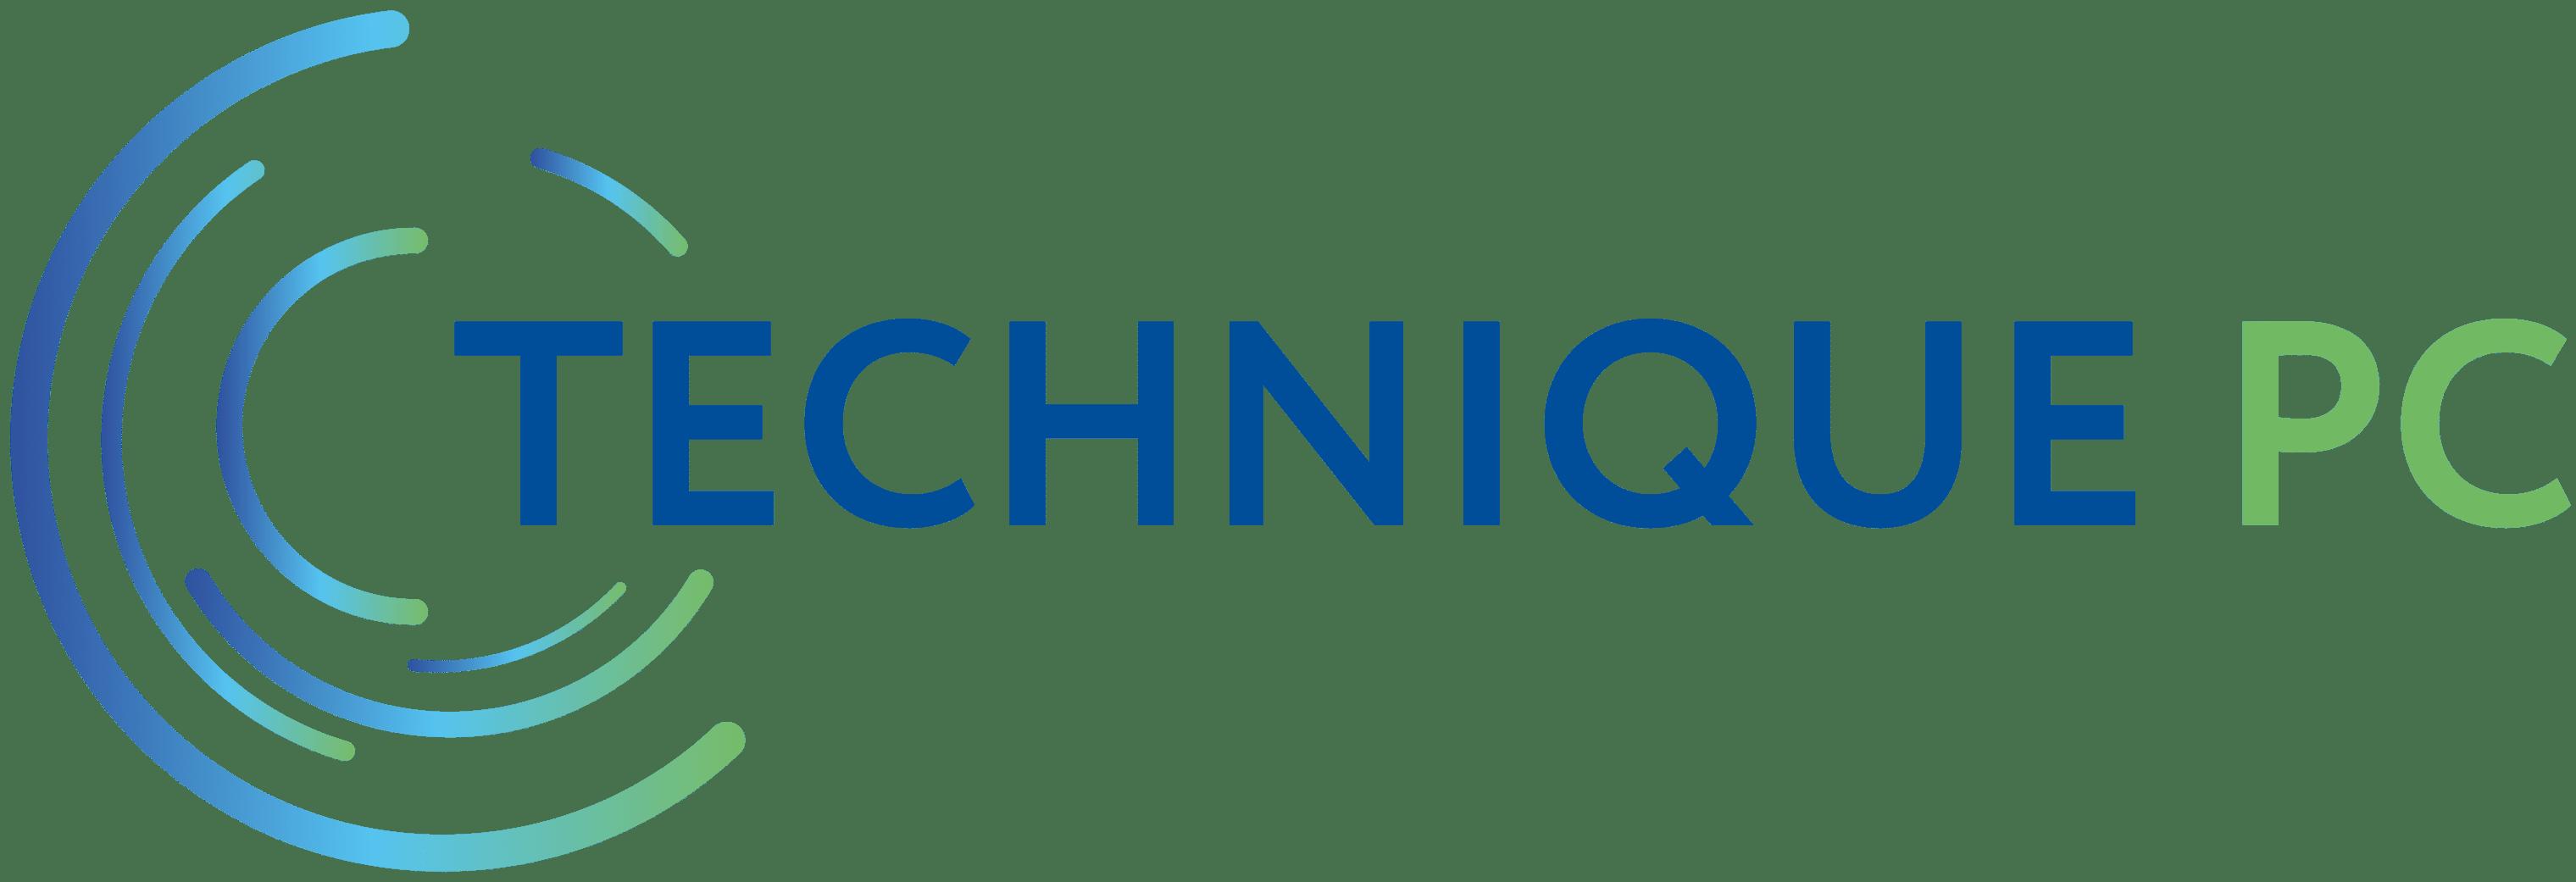 Technique PC